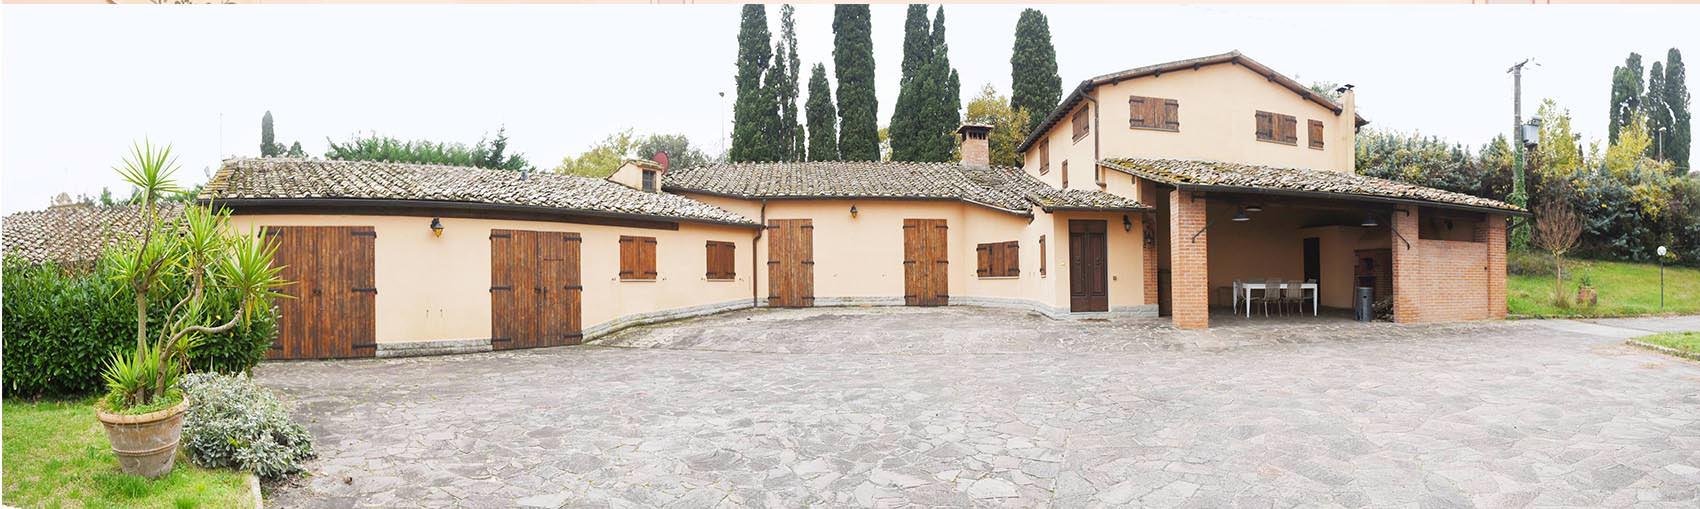 Rustico / Casale in vendita a Barberino di Mugello, 16 locali, prezzo € 900.000 | CambioCasa.it